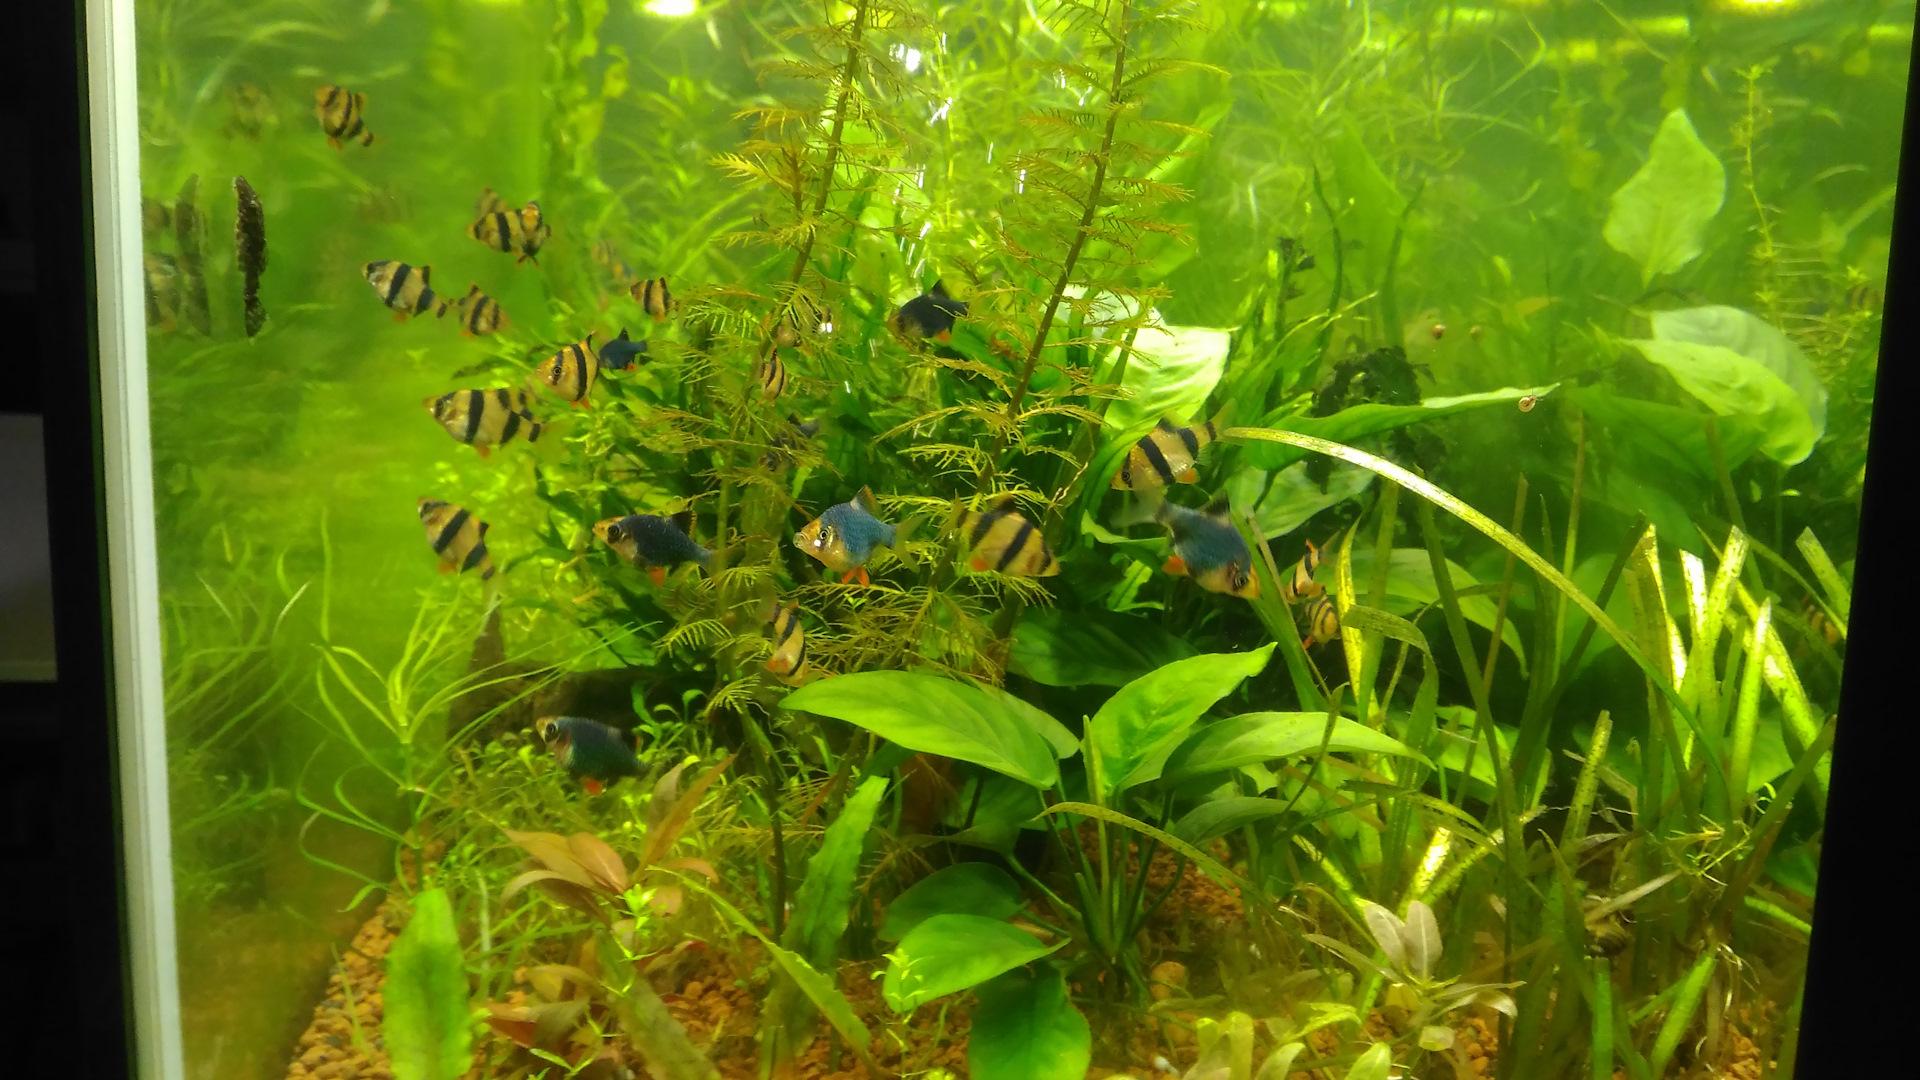 середине фронтонной водоросли в аквариуме нитчатка фото того